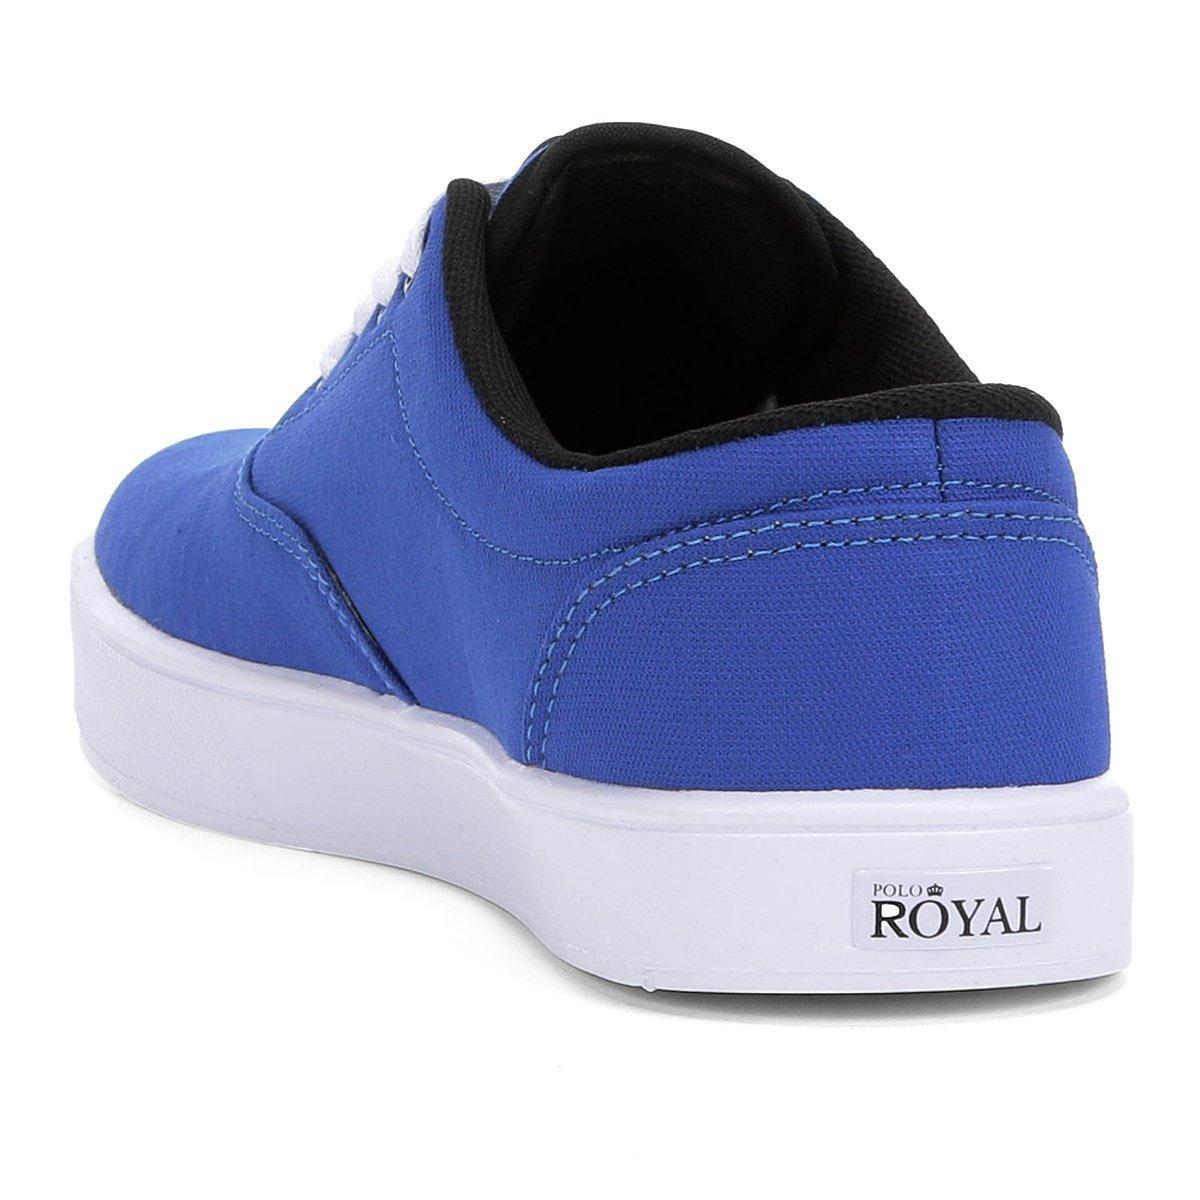 Tênis Tênis Polo Lona Royal Azul Royal Masculino Polo Montecar 4U7qv4w